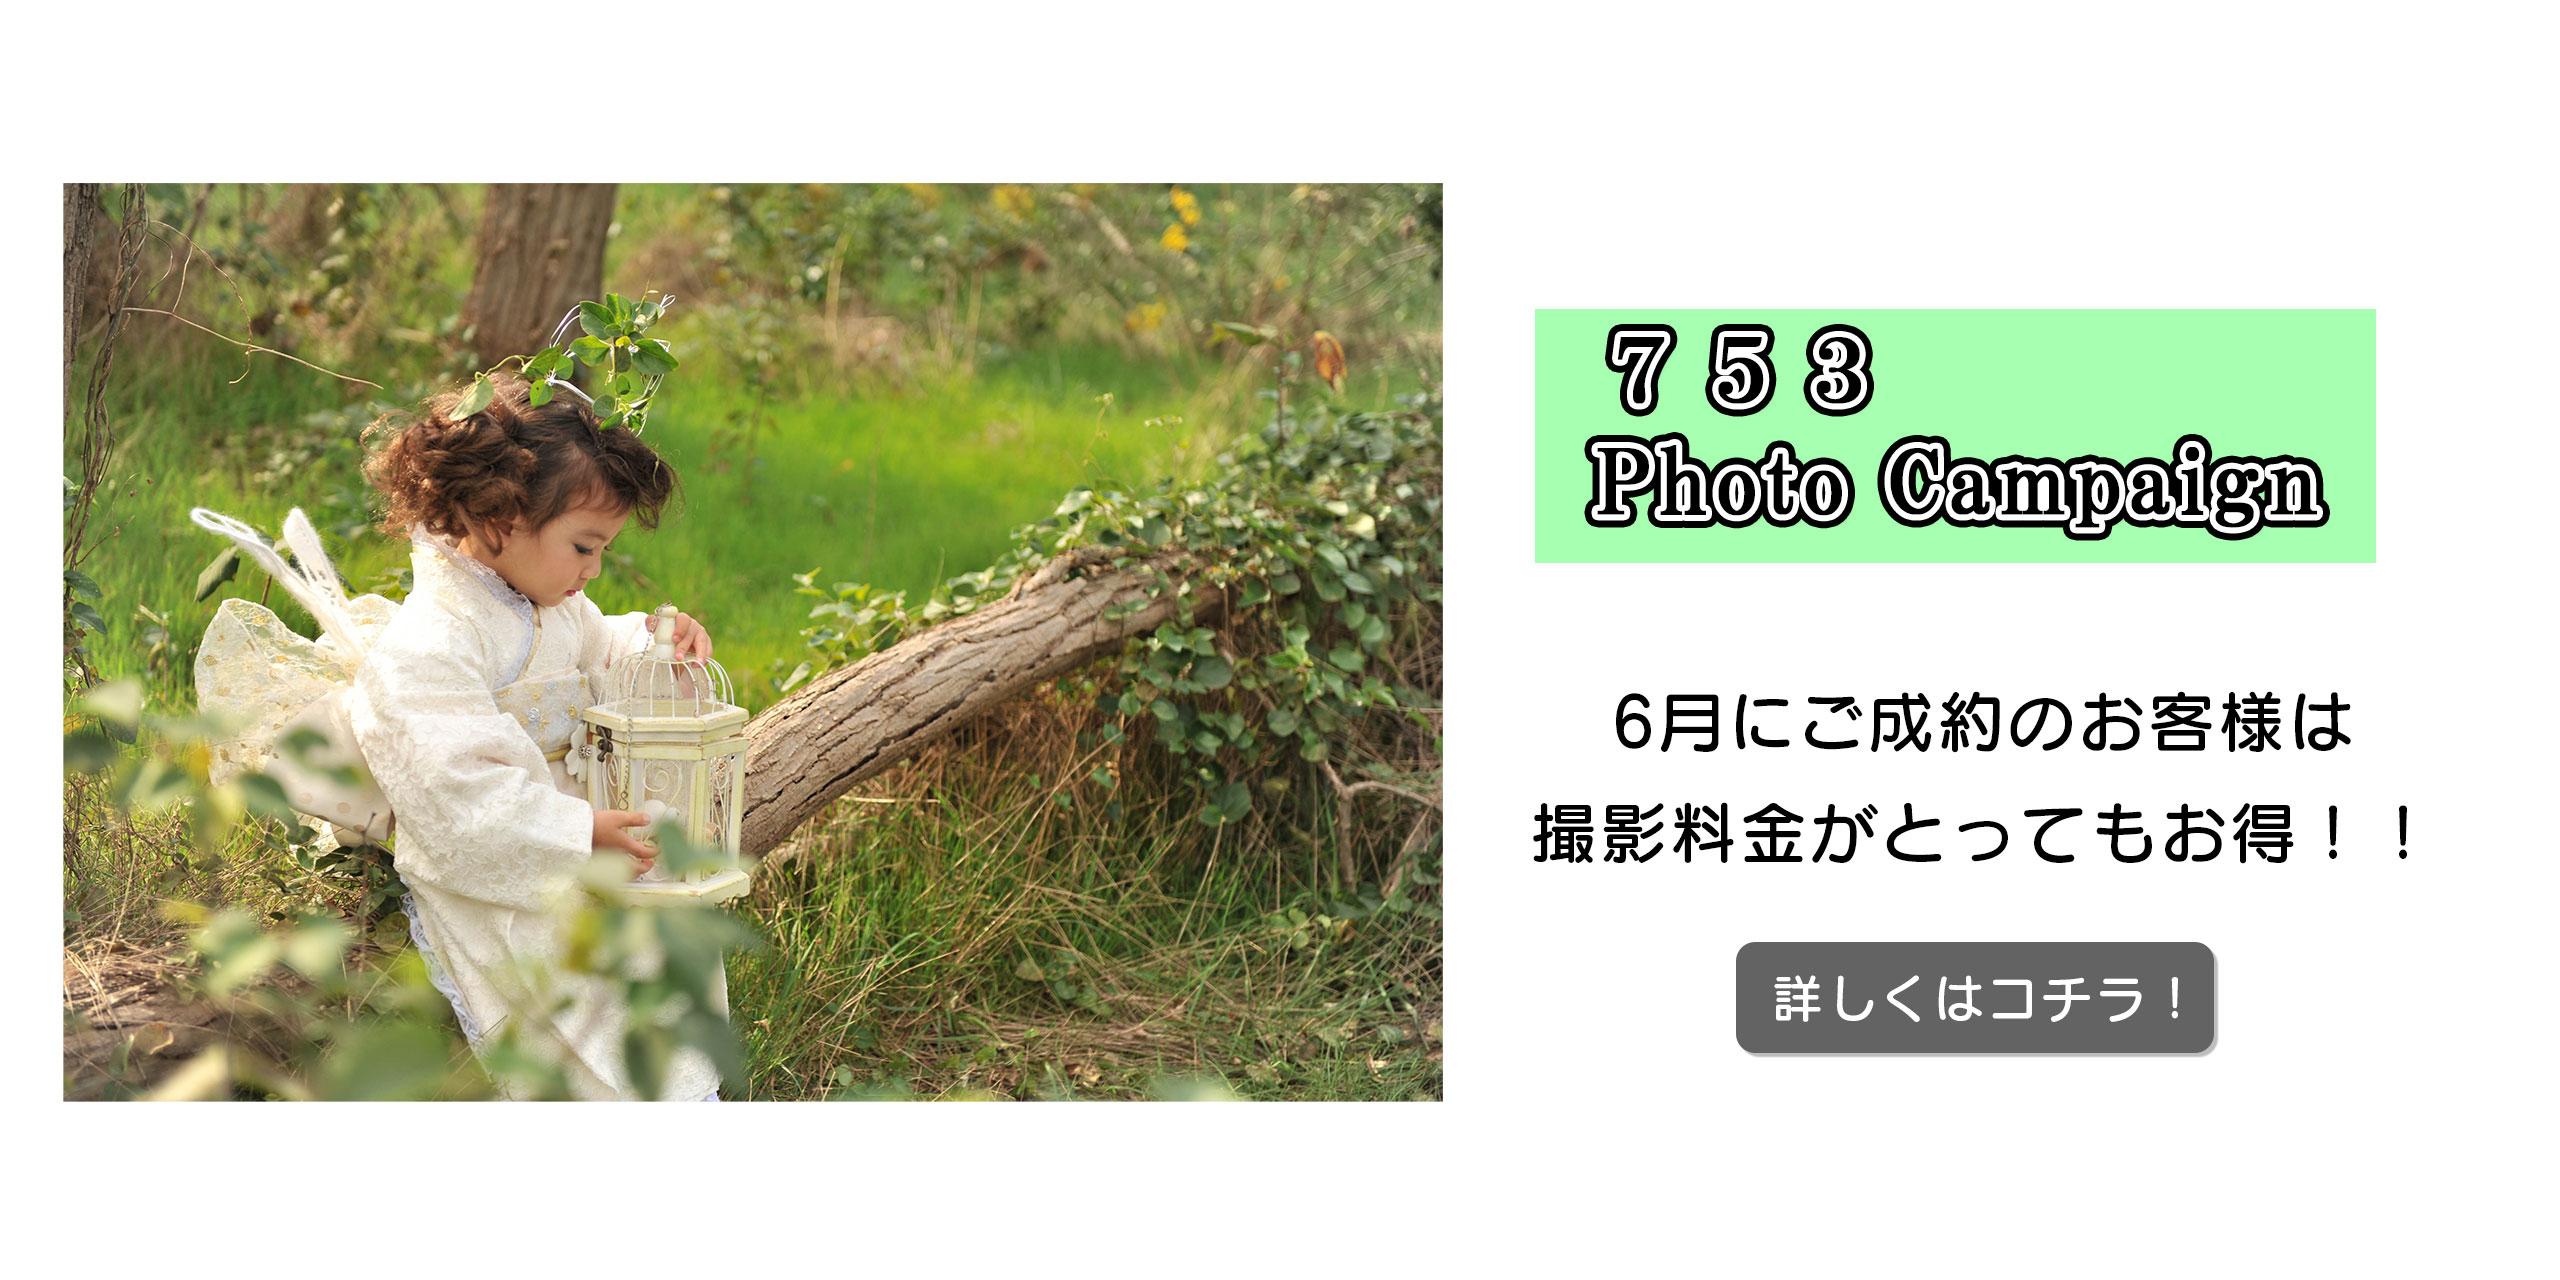 鳥取で七五三の衣装や撮影をロケーションで撮影出来るマジカルフォトワーク♪